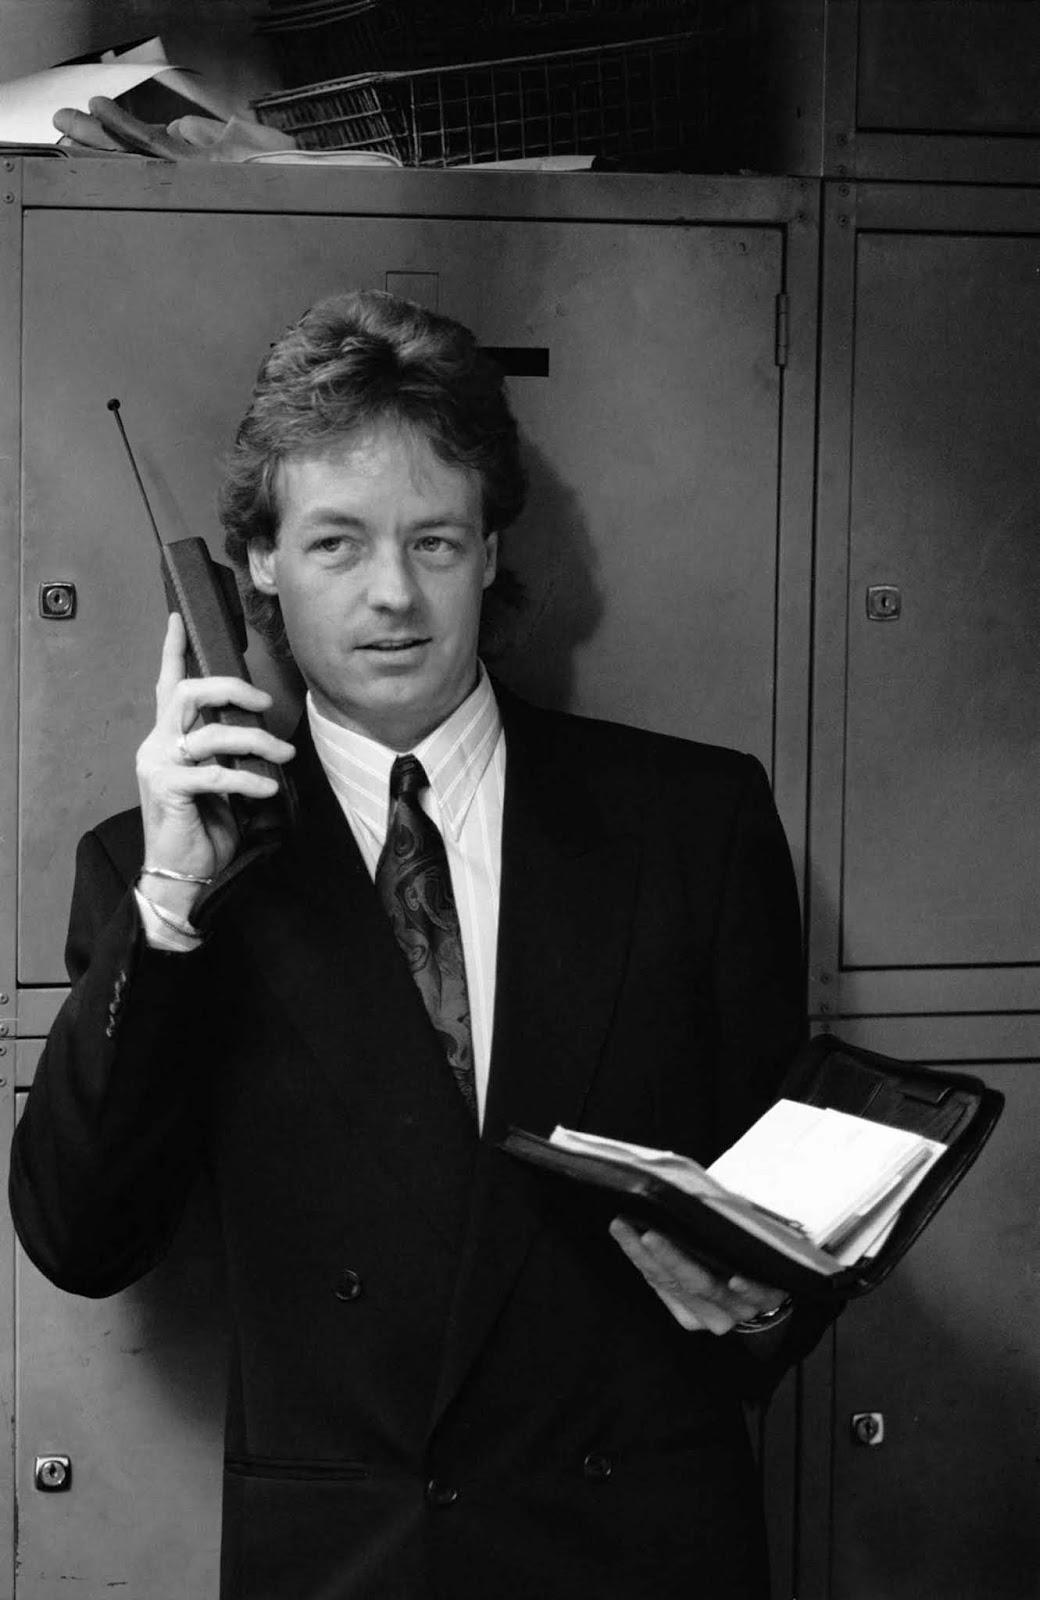 mobile phones history%2B%252810%2529 - Pessoas simplesmente ostentando os primeiros celulares